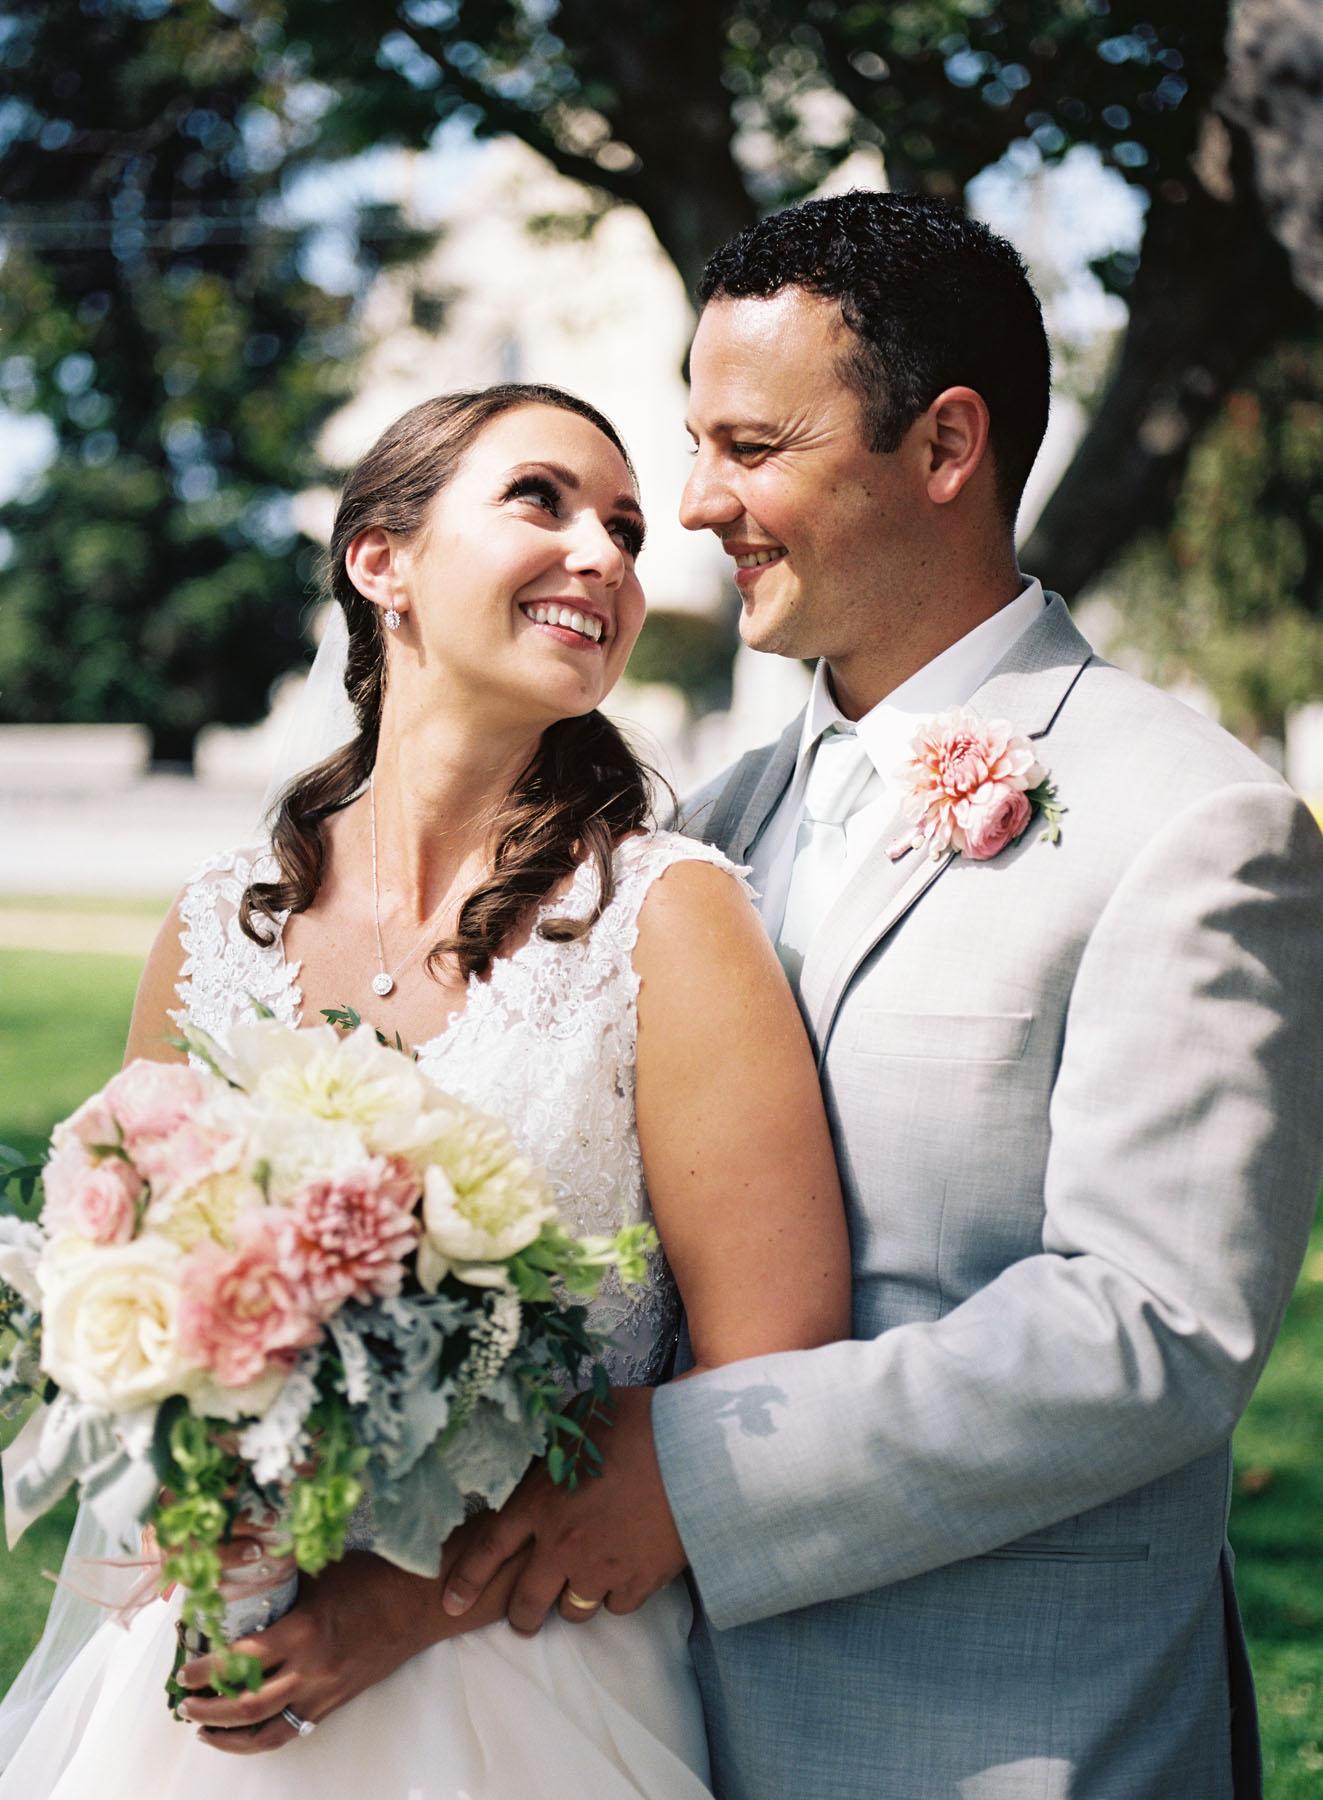 8-11-18 Vanessa and Andrew - 123.jpg